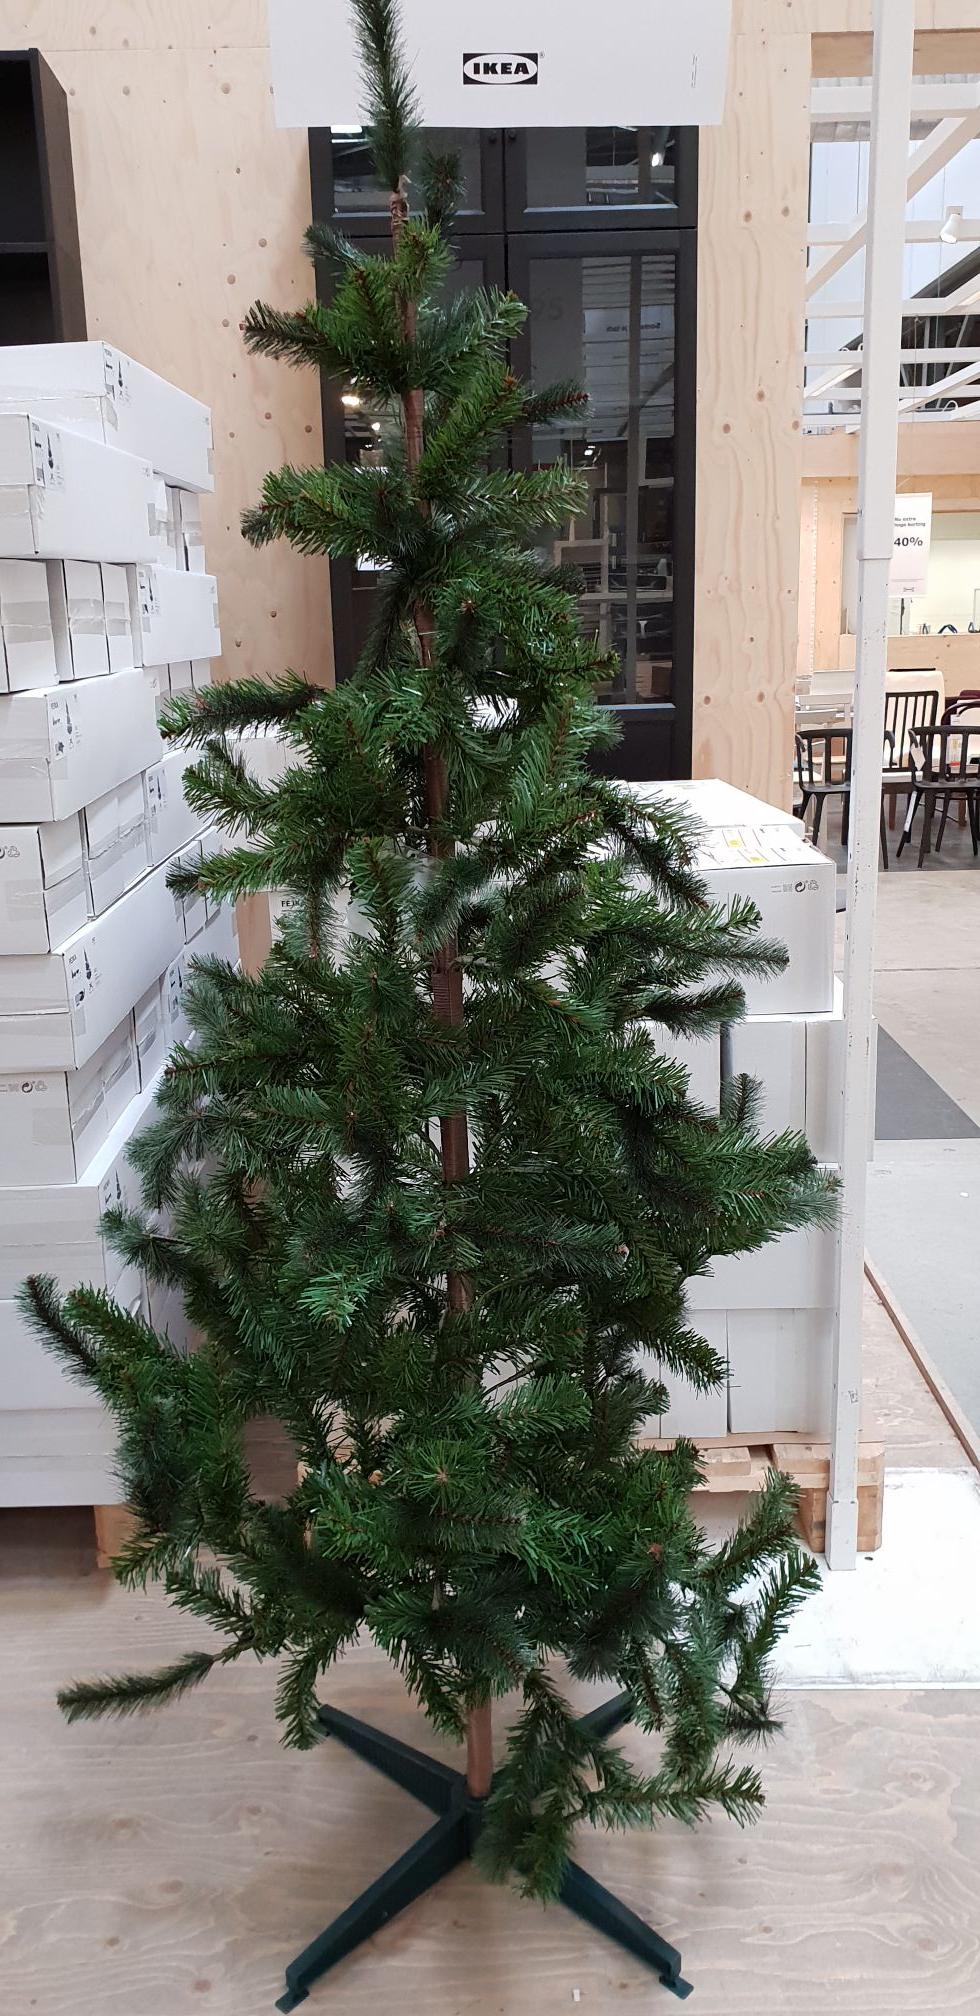 [Lokal / Grenzgänger] IKEA Hengelo (Niederlande] - FEJKA künstlicher Weihnachtsbaum - 180cm für 5 Euro oder 150cm für 2,50 Euro